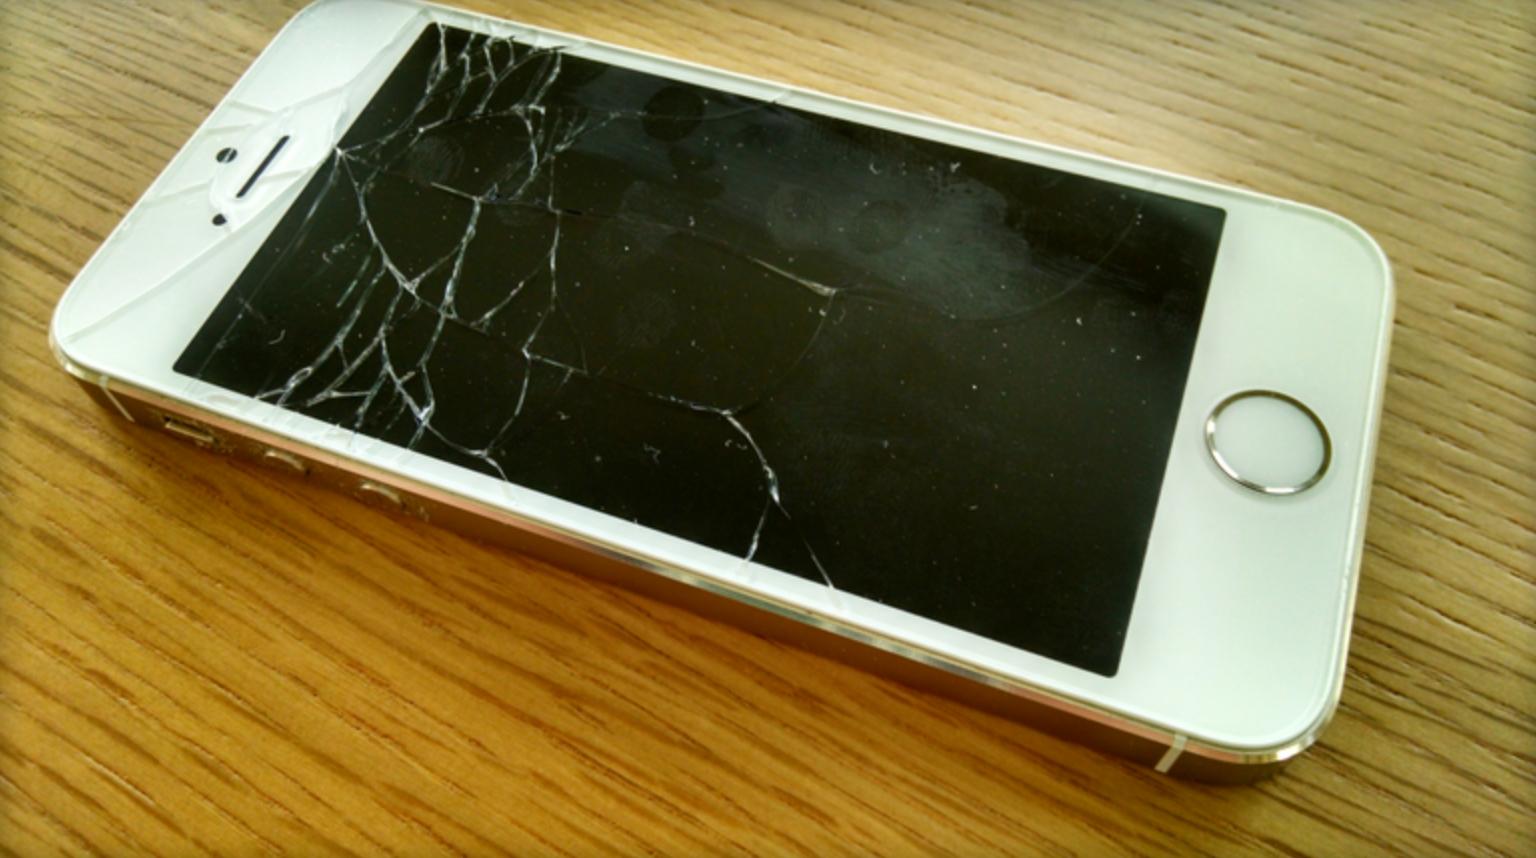 cracked iphone 5s